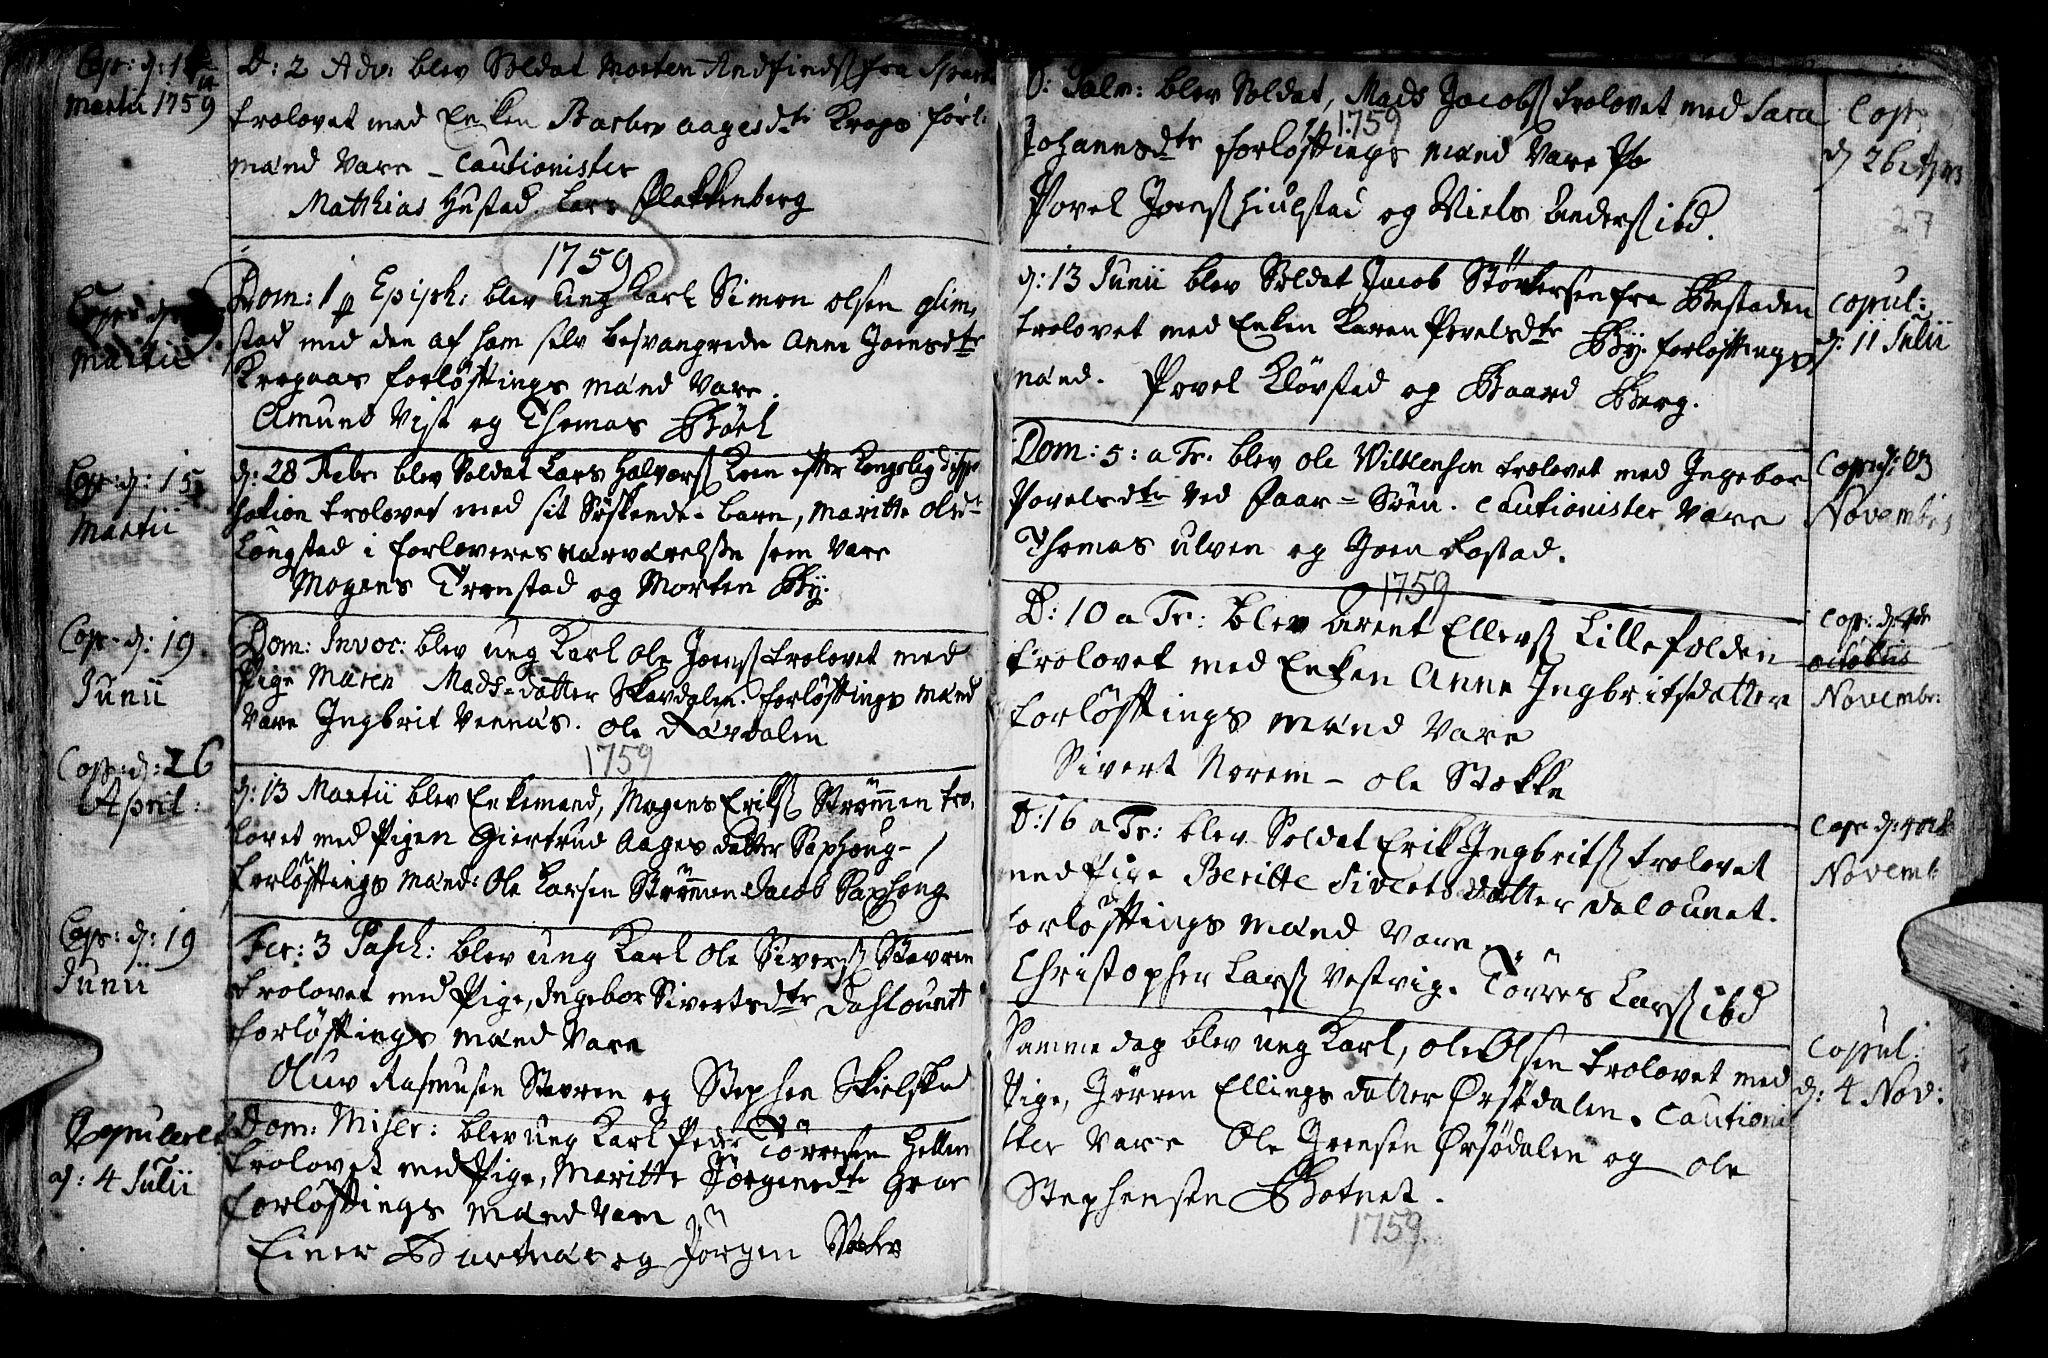 SAT, Ministerialprotokoller, klokkerbøker og fødselsregistre - Nord-Trøndelag, 730/L0272: Ministerialbok nr. 730A01, 1733-1764, s. 27